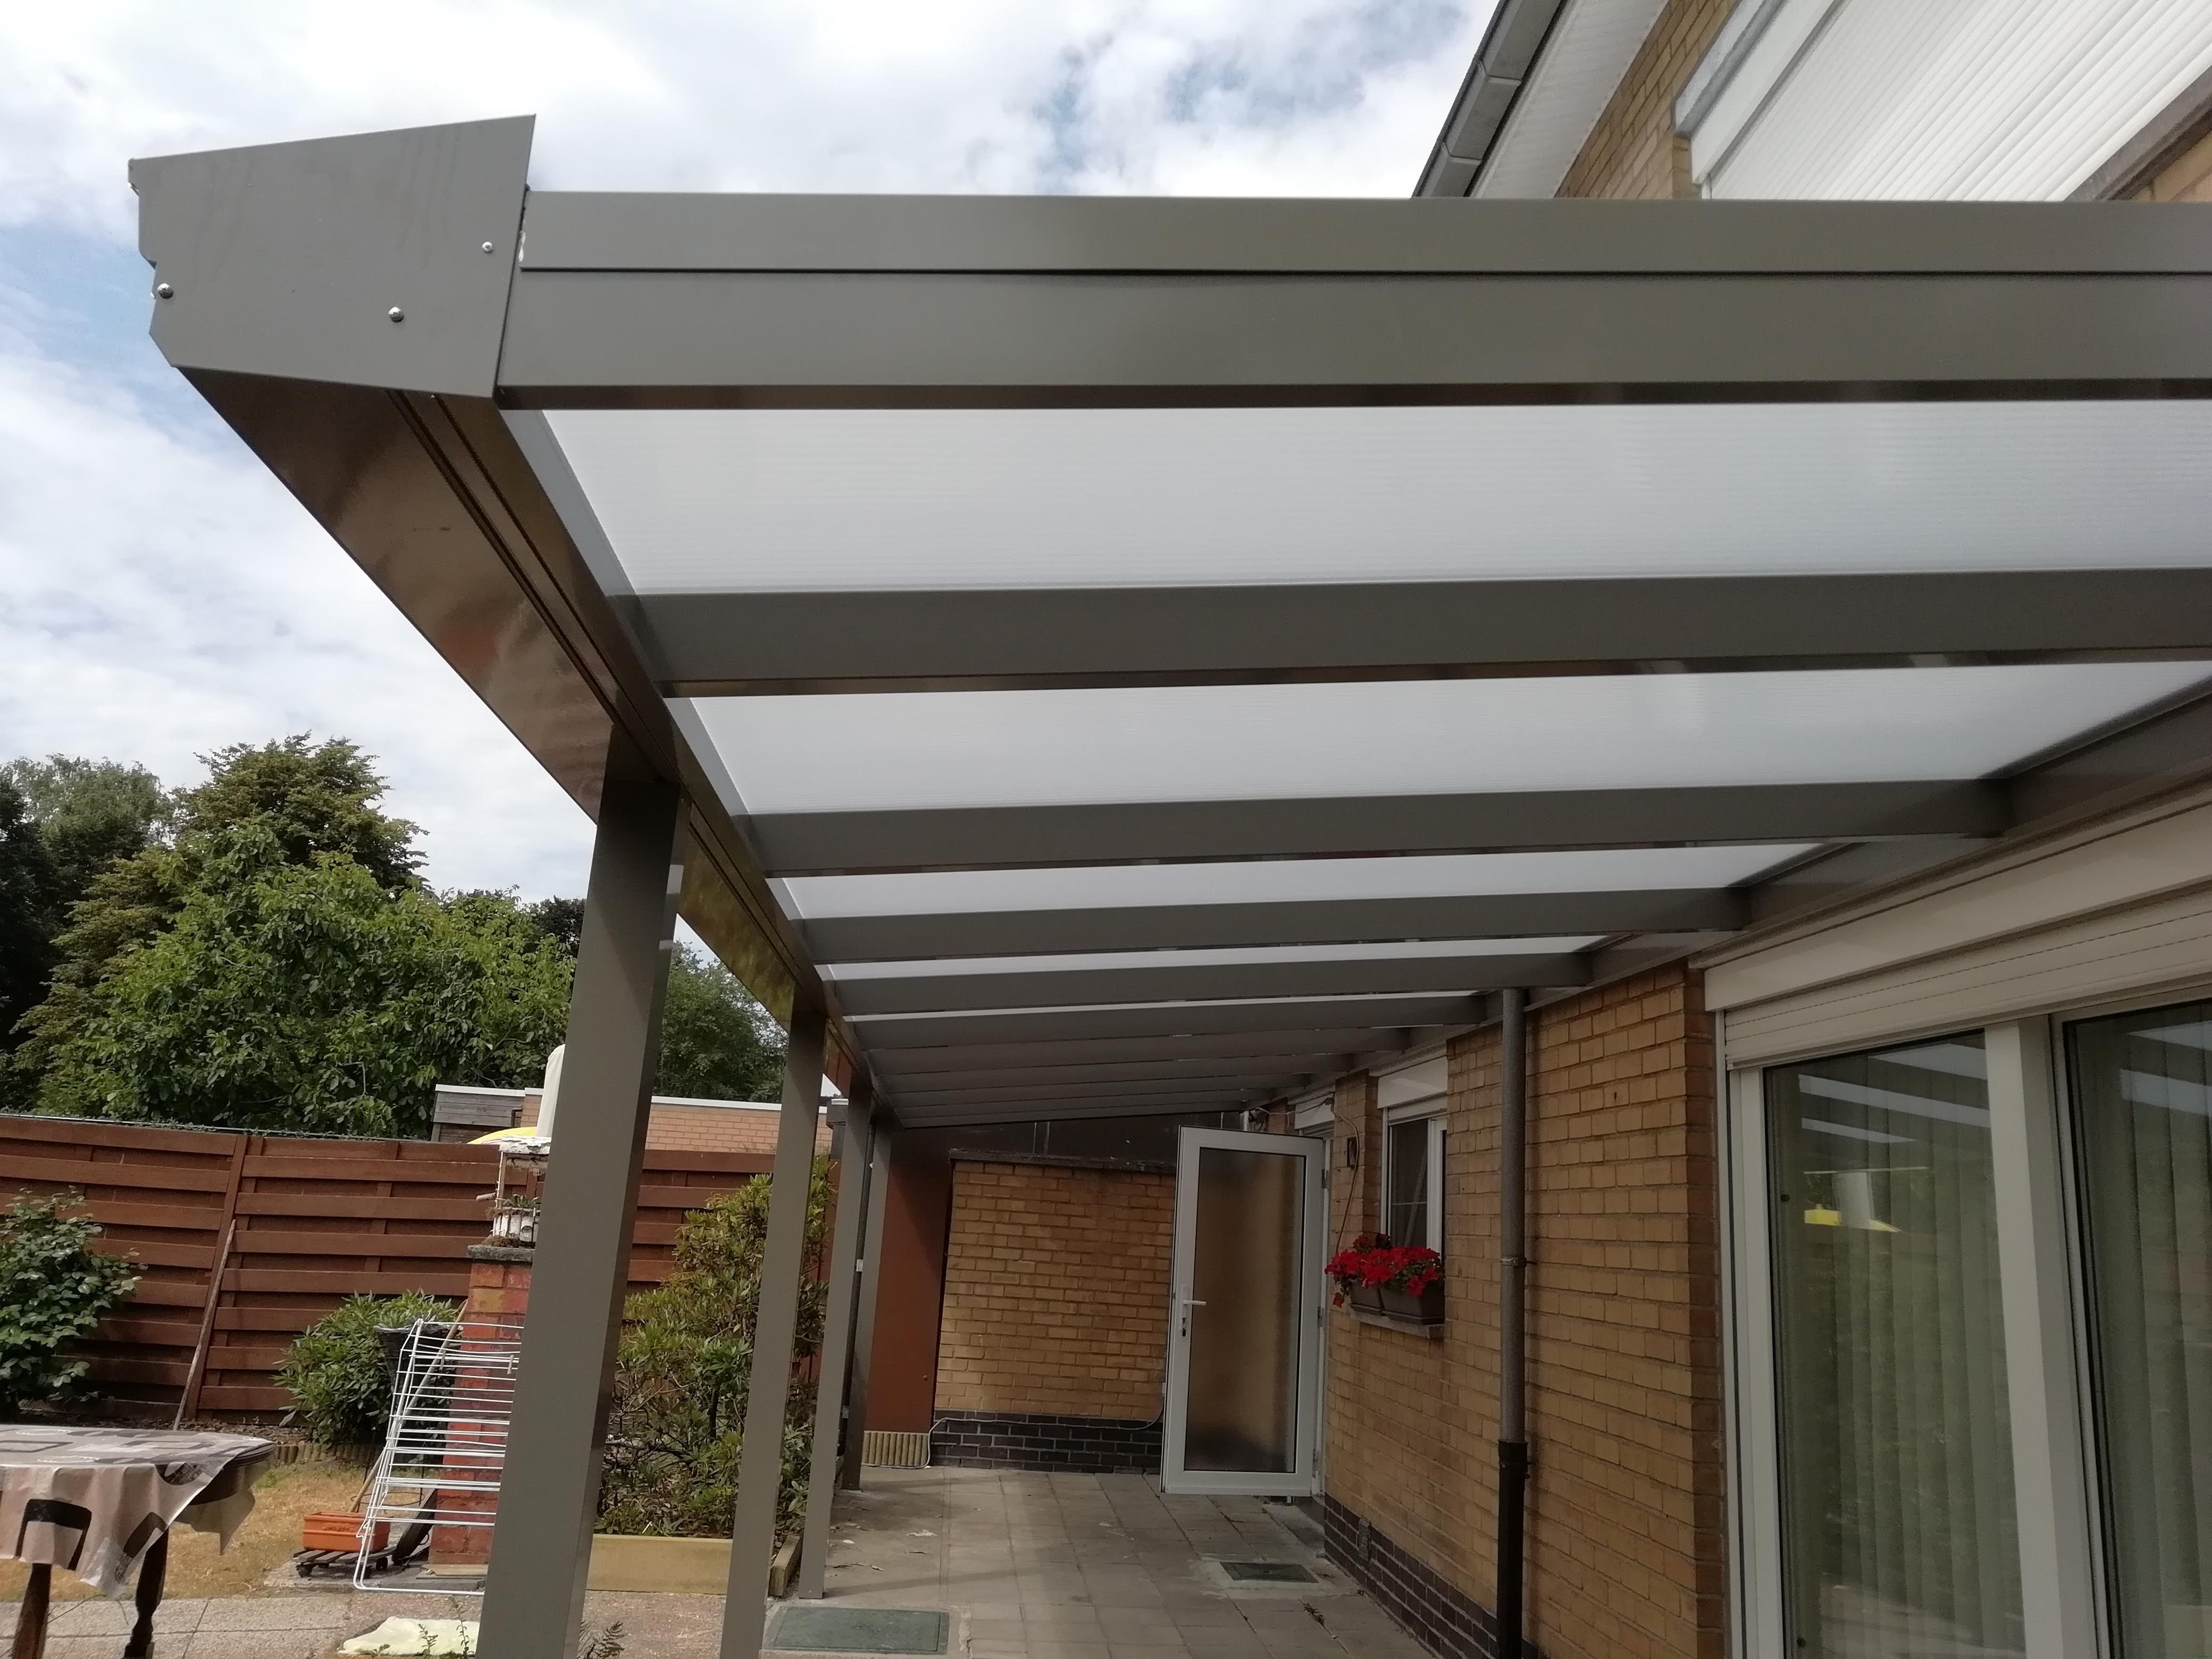 terrasoverkapping in aluminium  met zelf